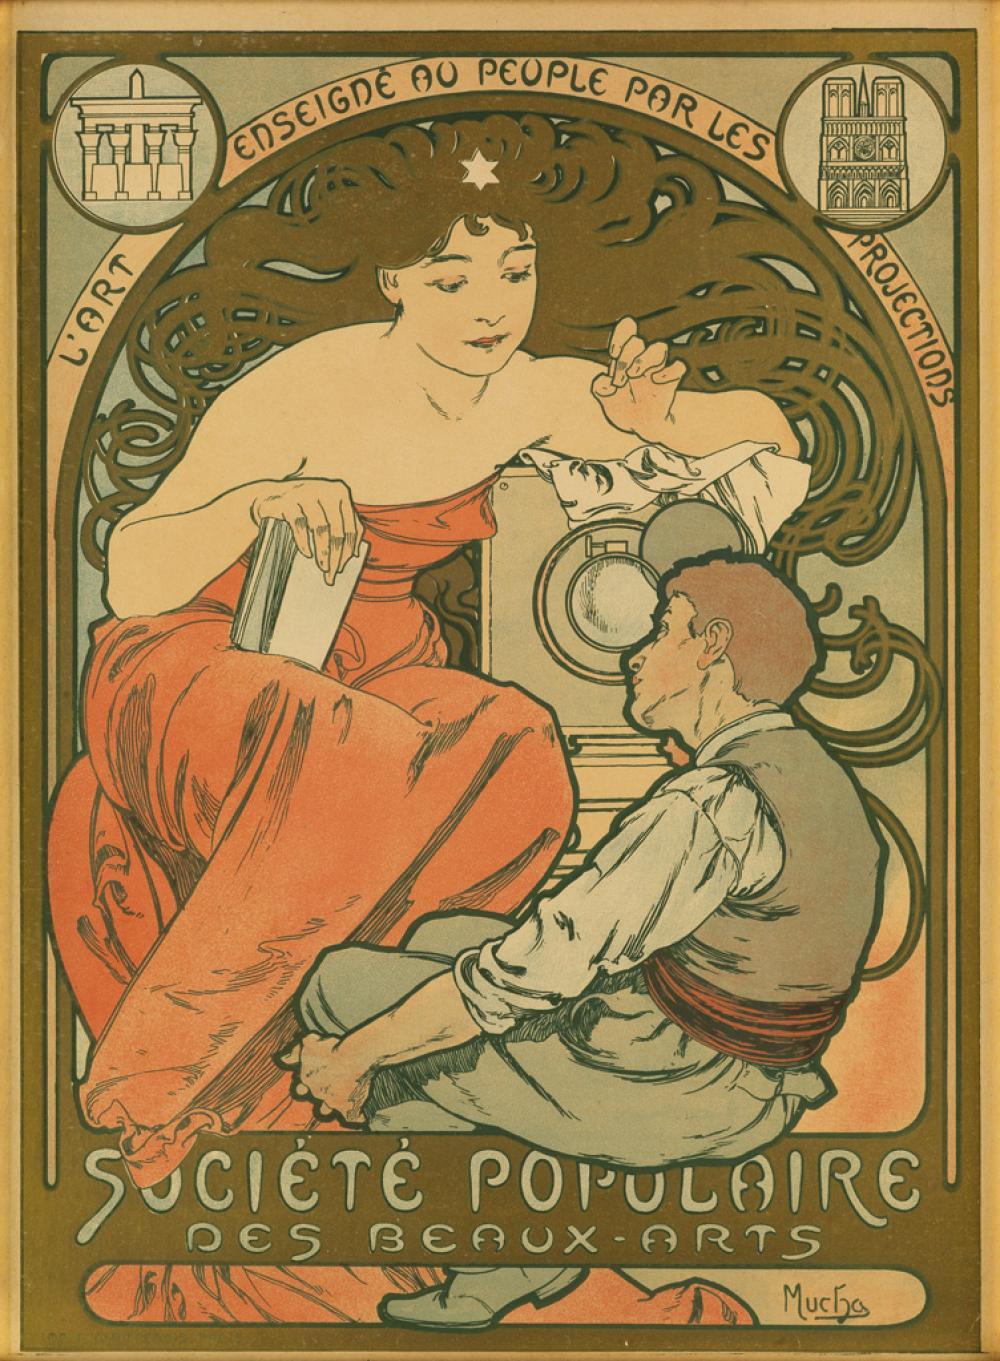 ALPHONSE MUCHA (1860-1939). SOCIÉTÉ POPULAIRE DES BEAUX - ARTS. 1897. 24x18 inches, 63x47 cm. F. Champenois, Paris.